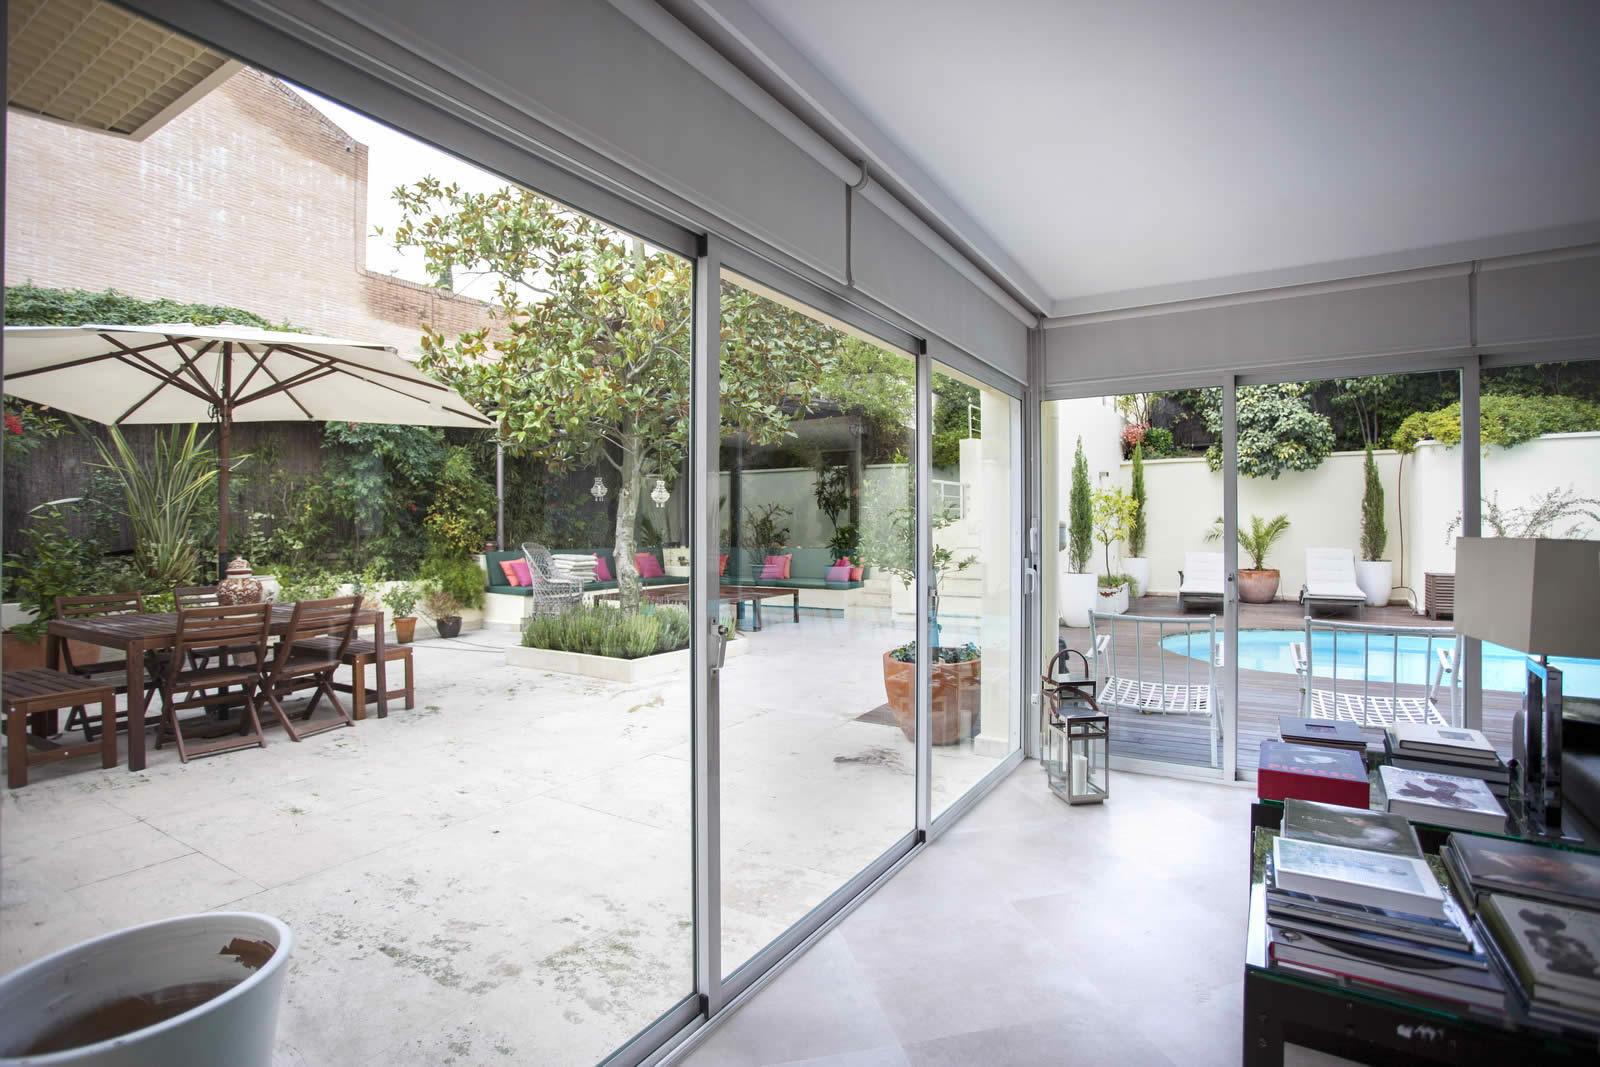 maison-spacieuse-grande-cuisine-jardin-piscine-a-vendre